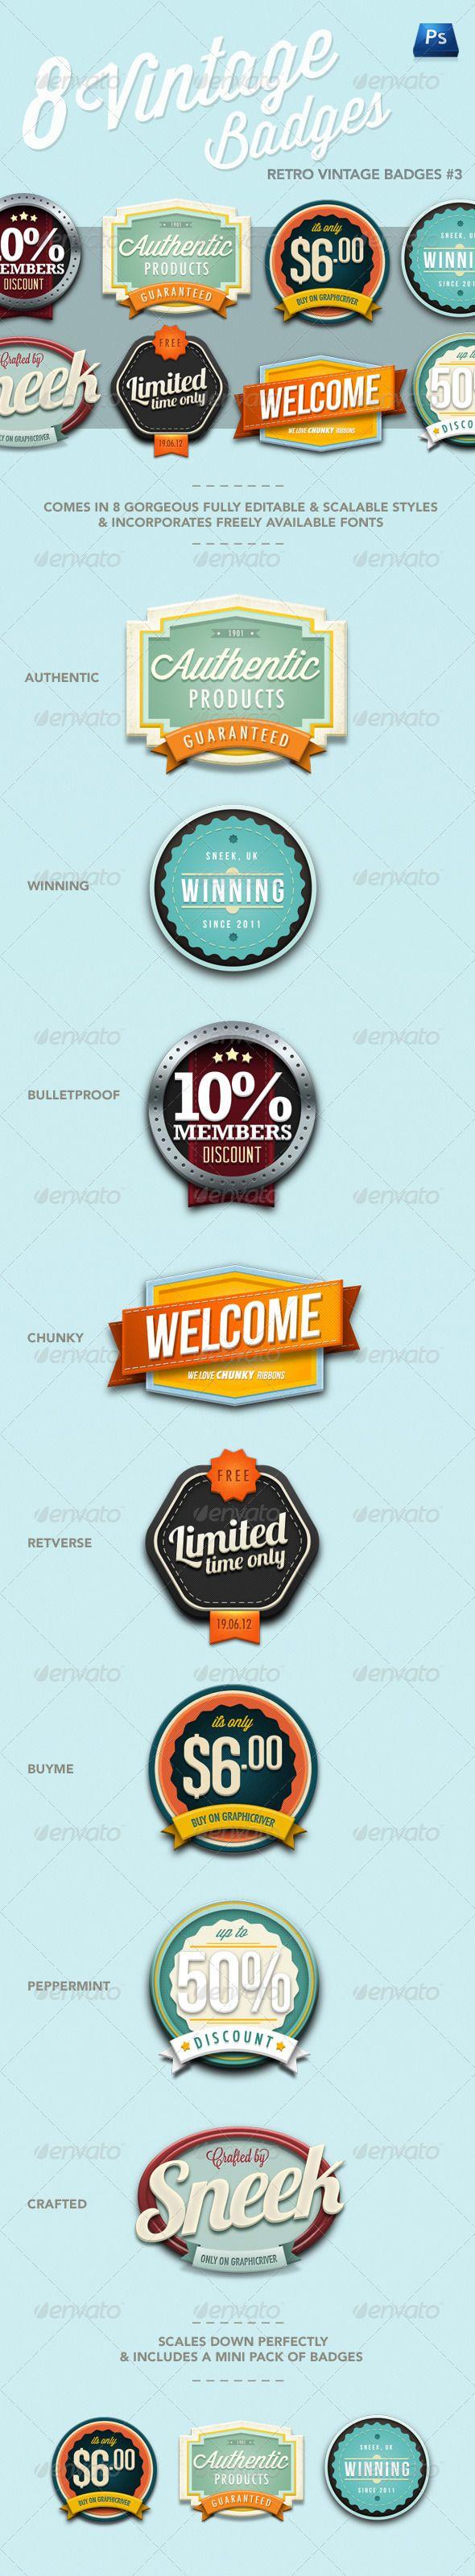 Web Elements - Retro Vintage Badges #3   GraphicRiver